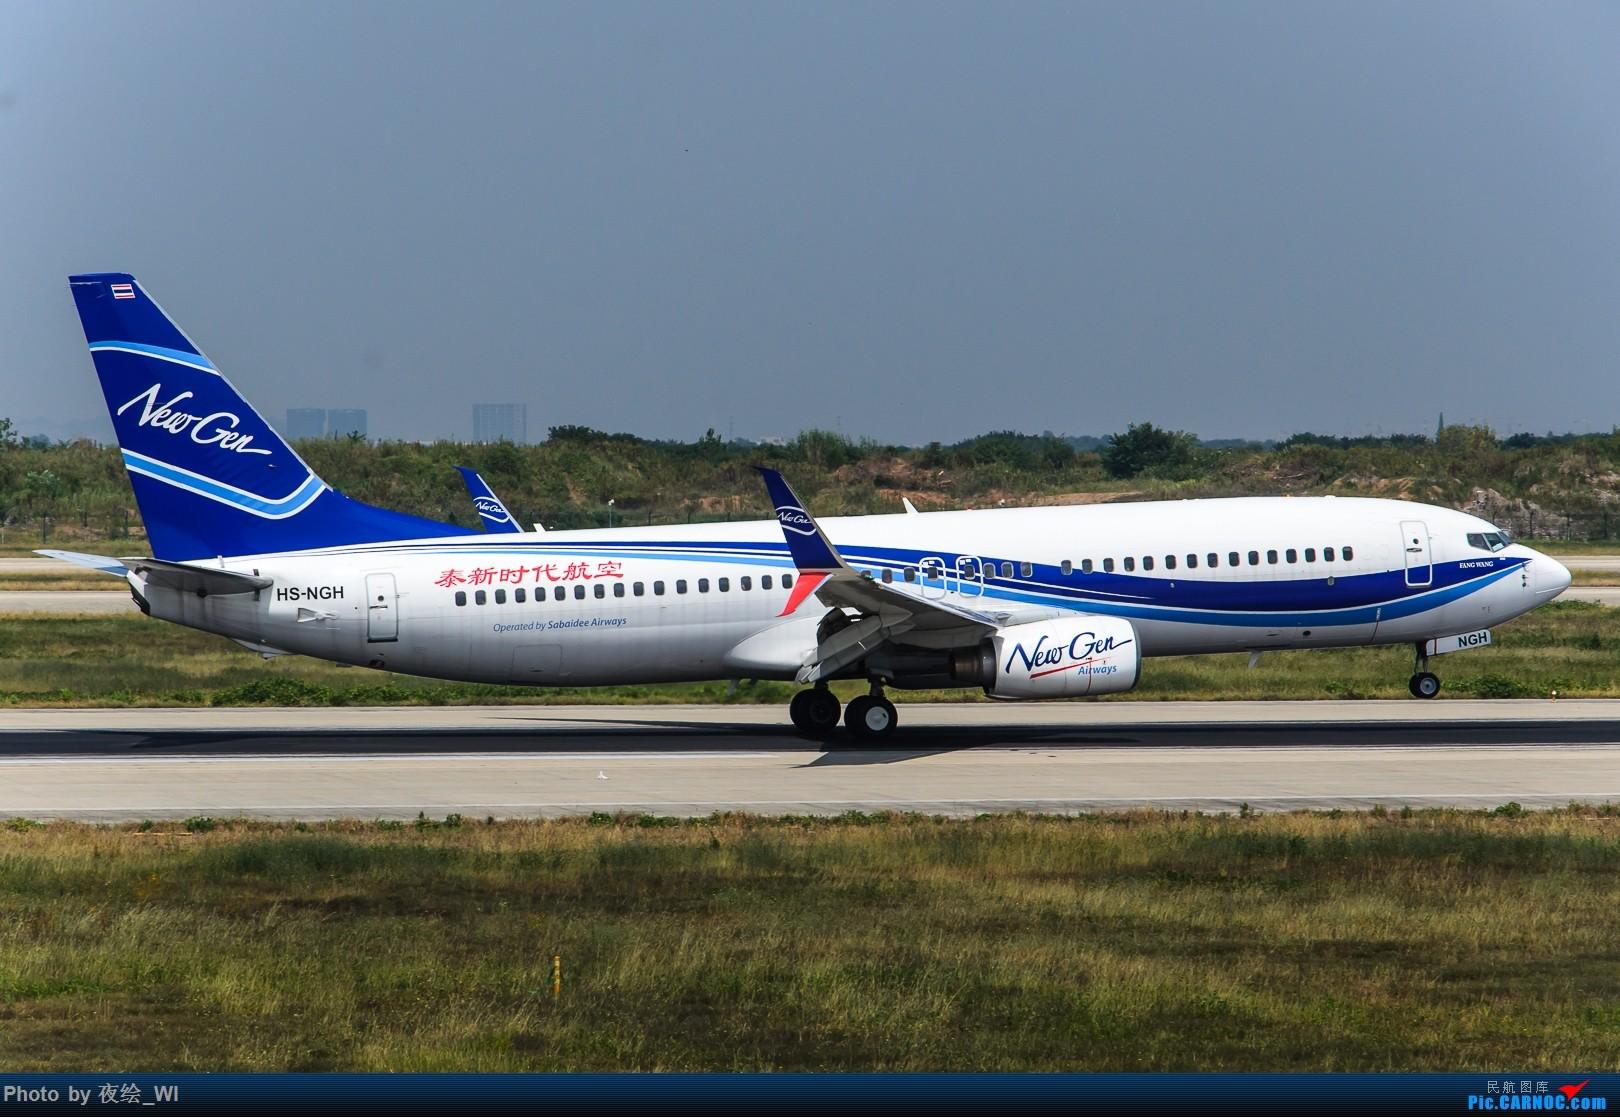 [原创]【NKG】好久没发图了,趁着好天气发几架不一样的东南亚包机 BOEING 737-800 HS-NGH 中国南京禄口国际机场